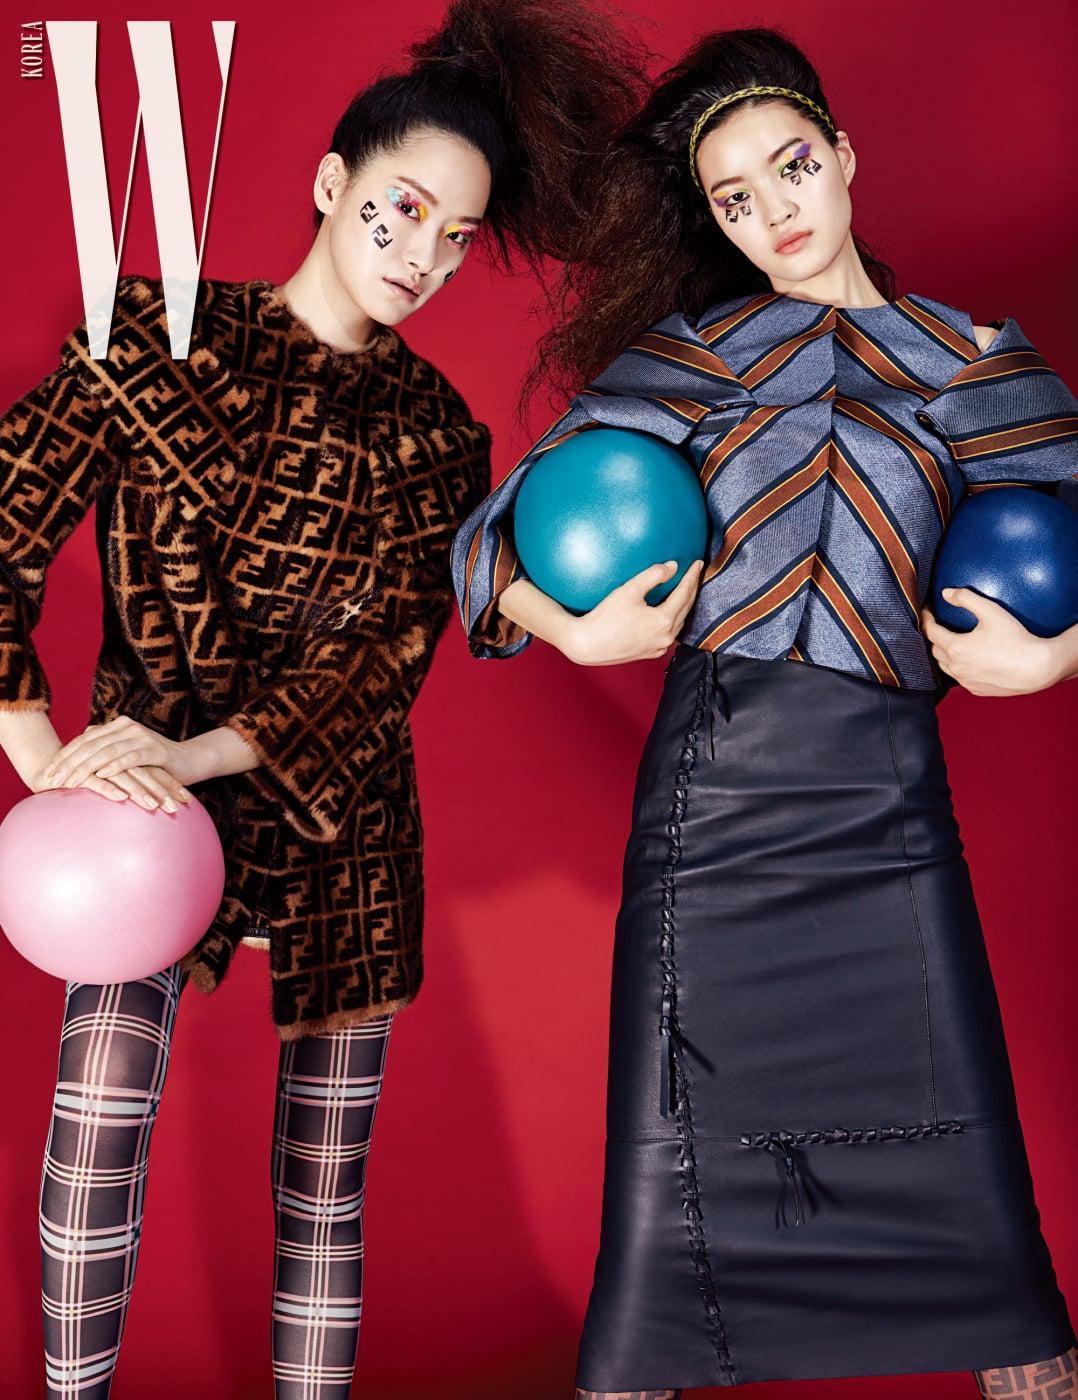 퐁리가 입은 FF 로고 패턴의 구조적인 퍼 코트, 체크무늬 사이하이 부츠, 서유진이 입은 그래픽 패턴 재킷, 가죽 스커트, FF 로고 부츠는 모두 Fendi 제품.